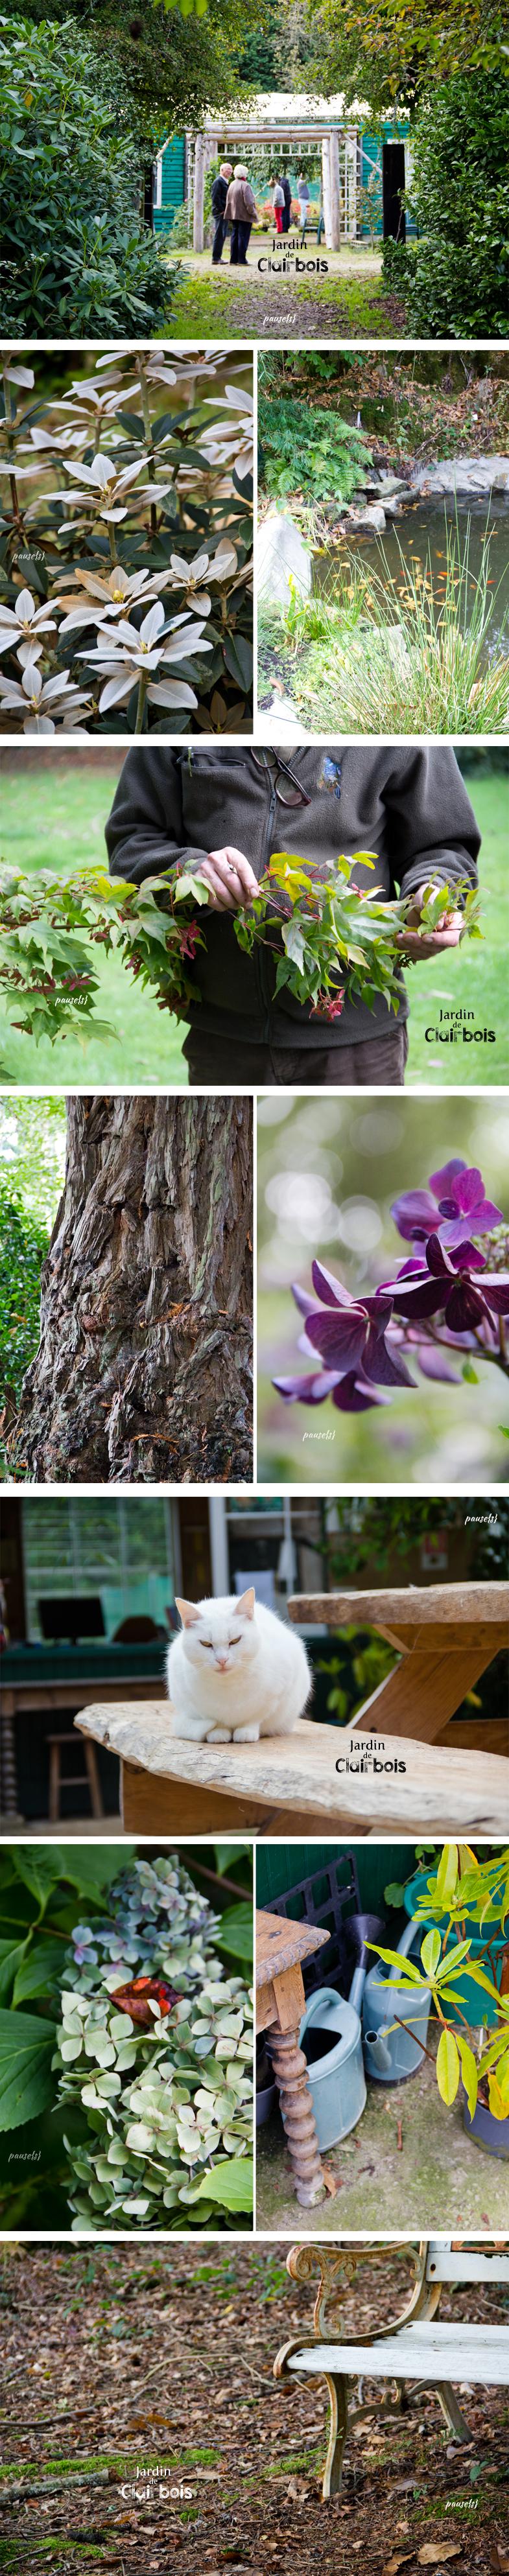 jardin-clairbois-03